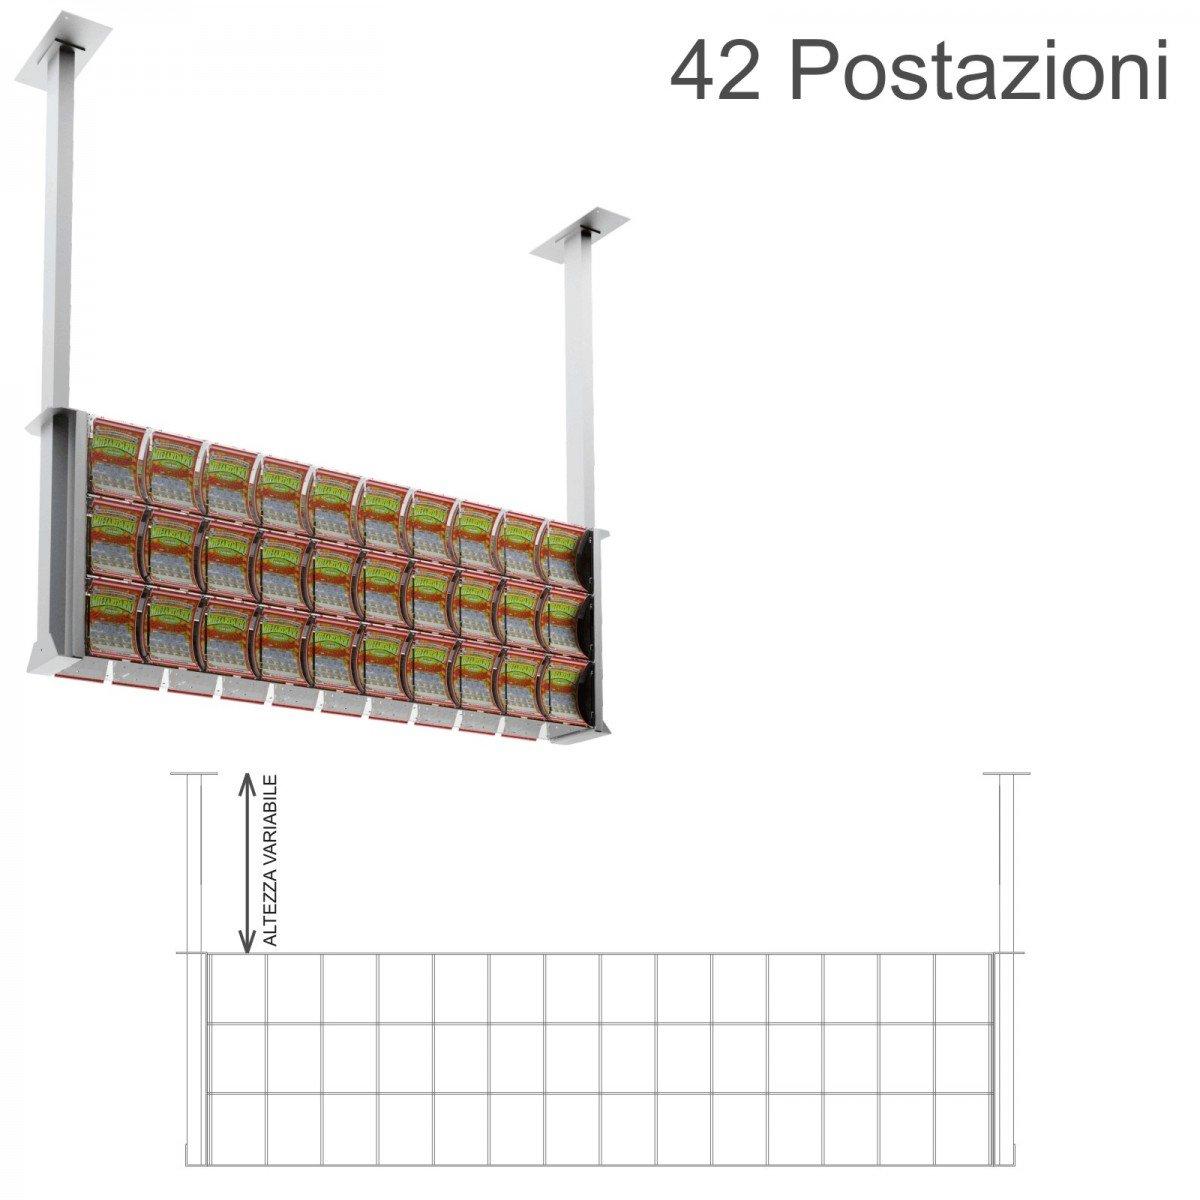 Espositore gratta e vinci da soffitto in plexiglass trasparente a 42 contenitori munito di sportellino frontale lato rivenditore